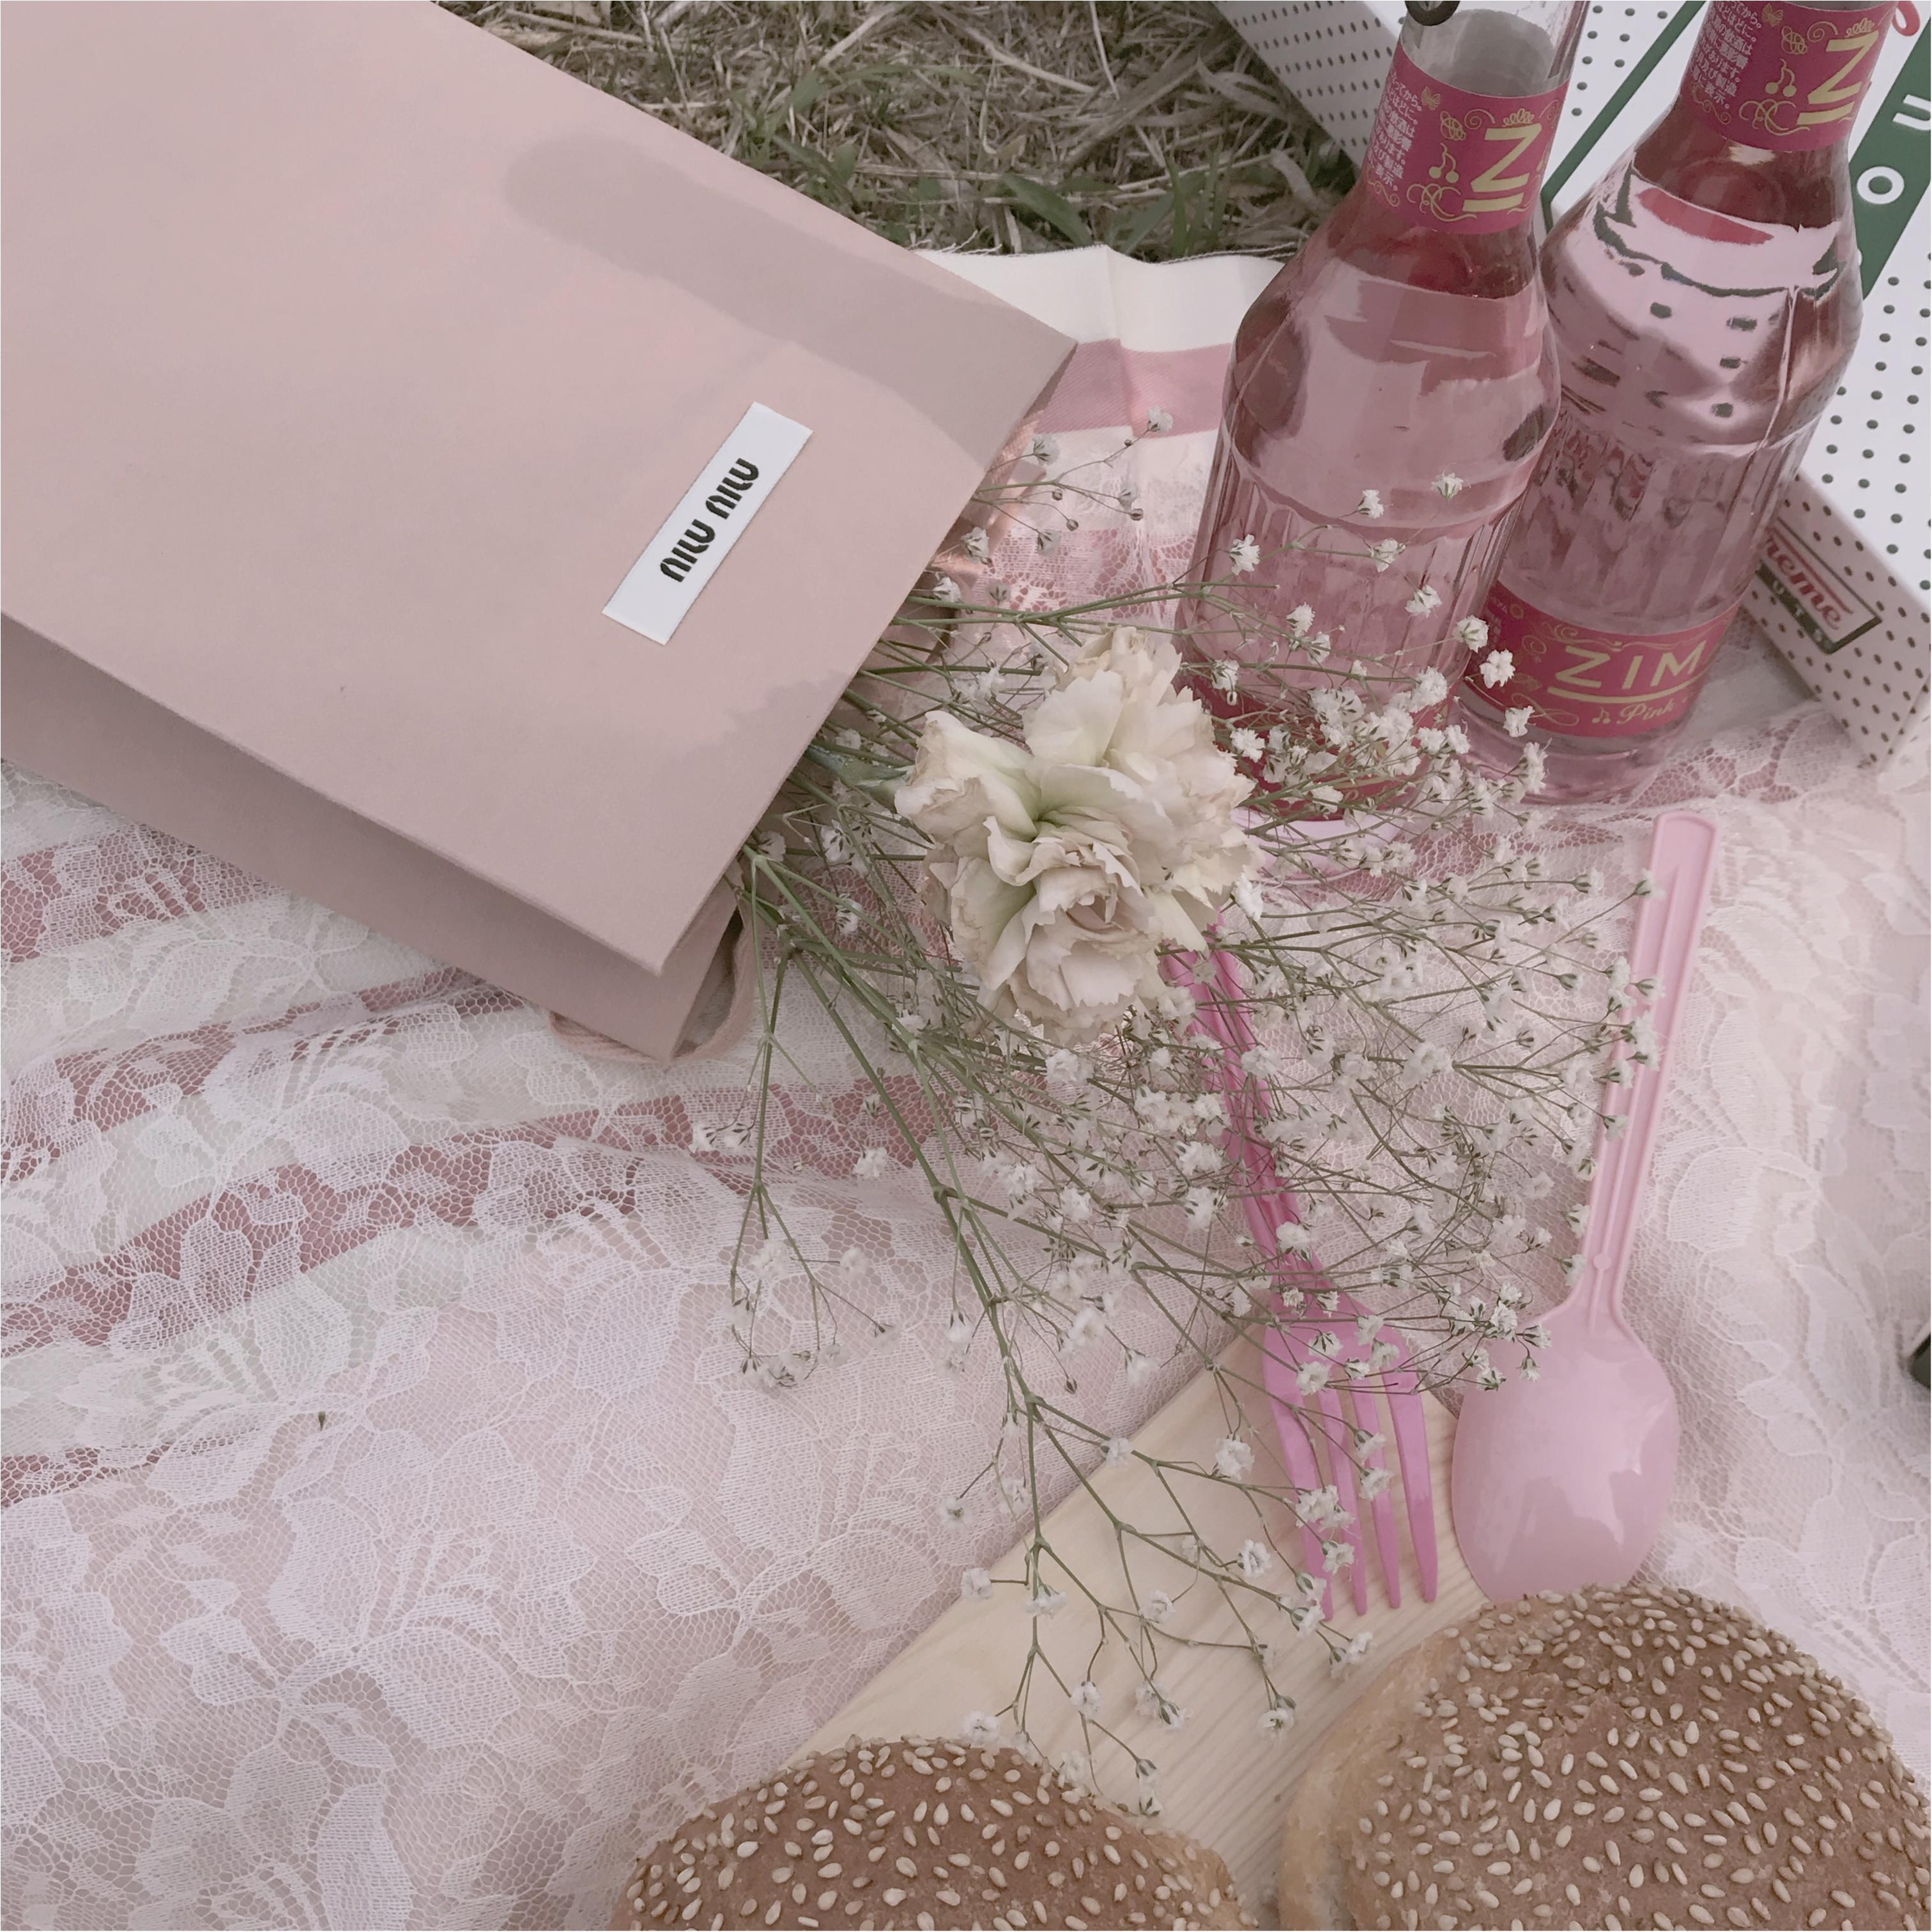 桜の下でピクニック❤︎簡単におしゃれでかわいい【おしゃピク】できます!_7